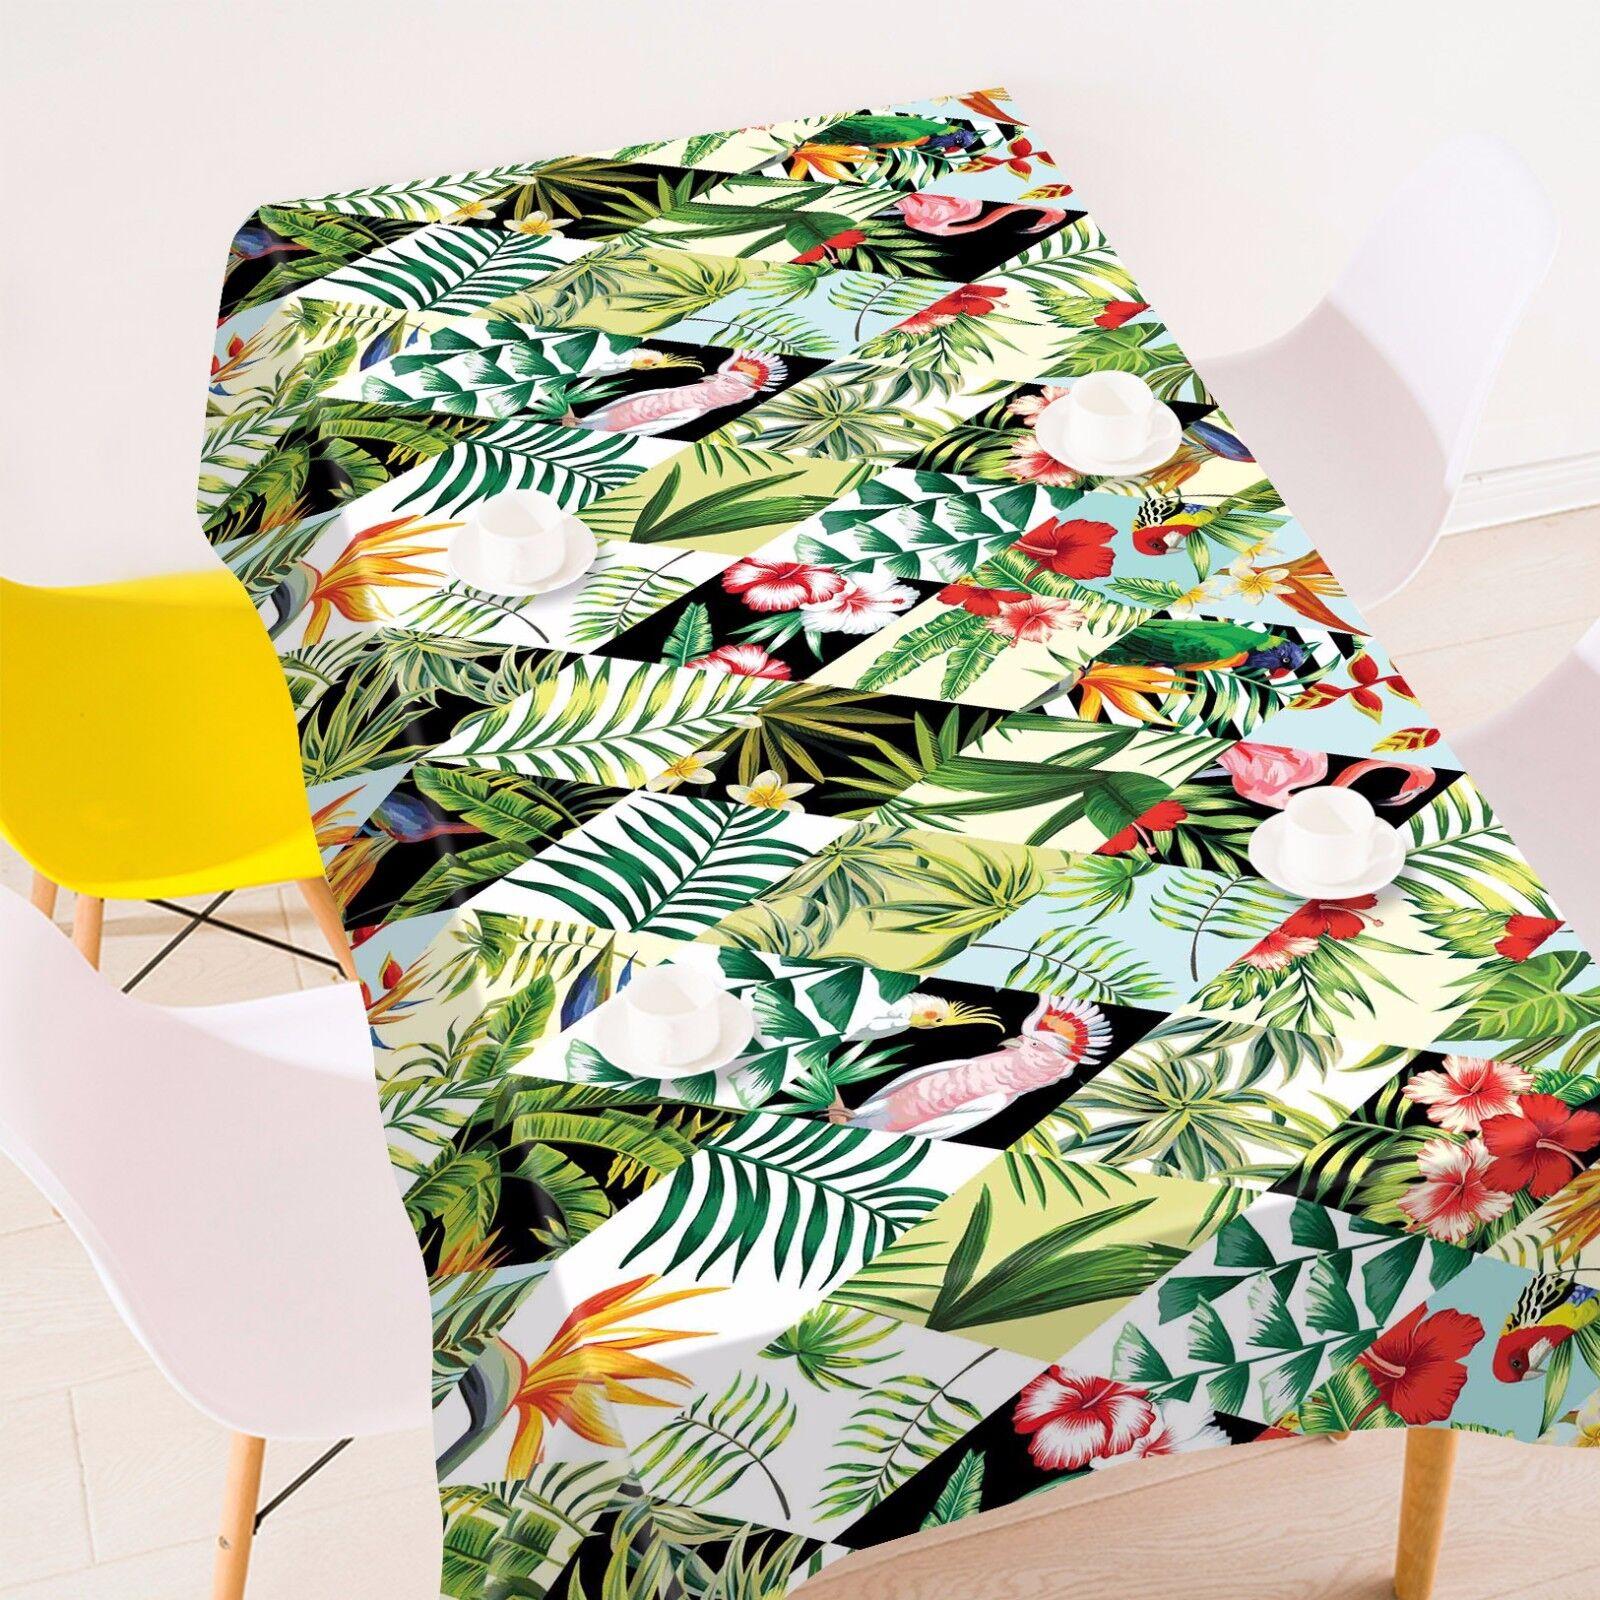 3D feuilles 43 Nappe Table Cover Cloth fête d'anniversaire AJ papier peint Royaume-Uni Citron